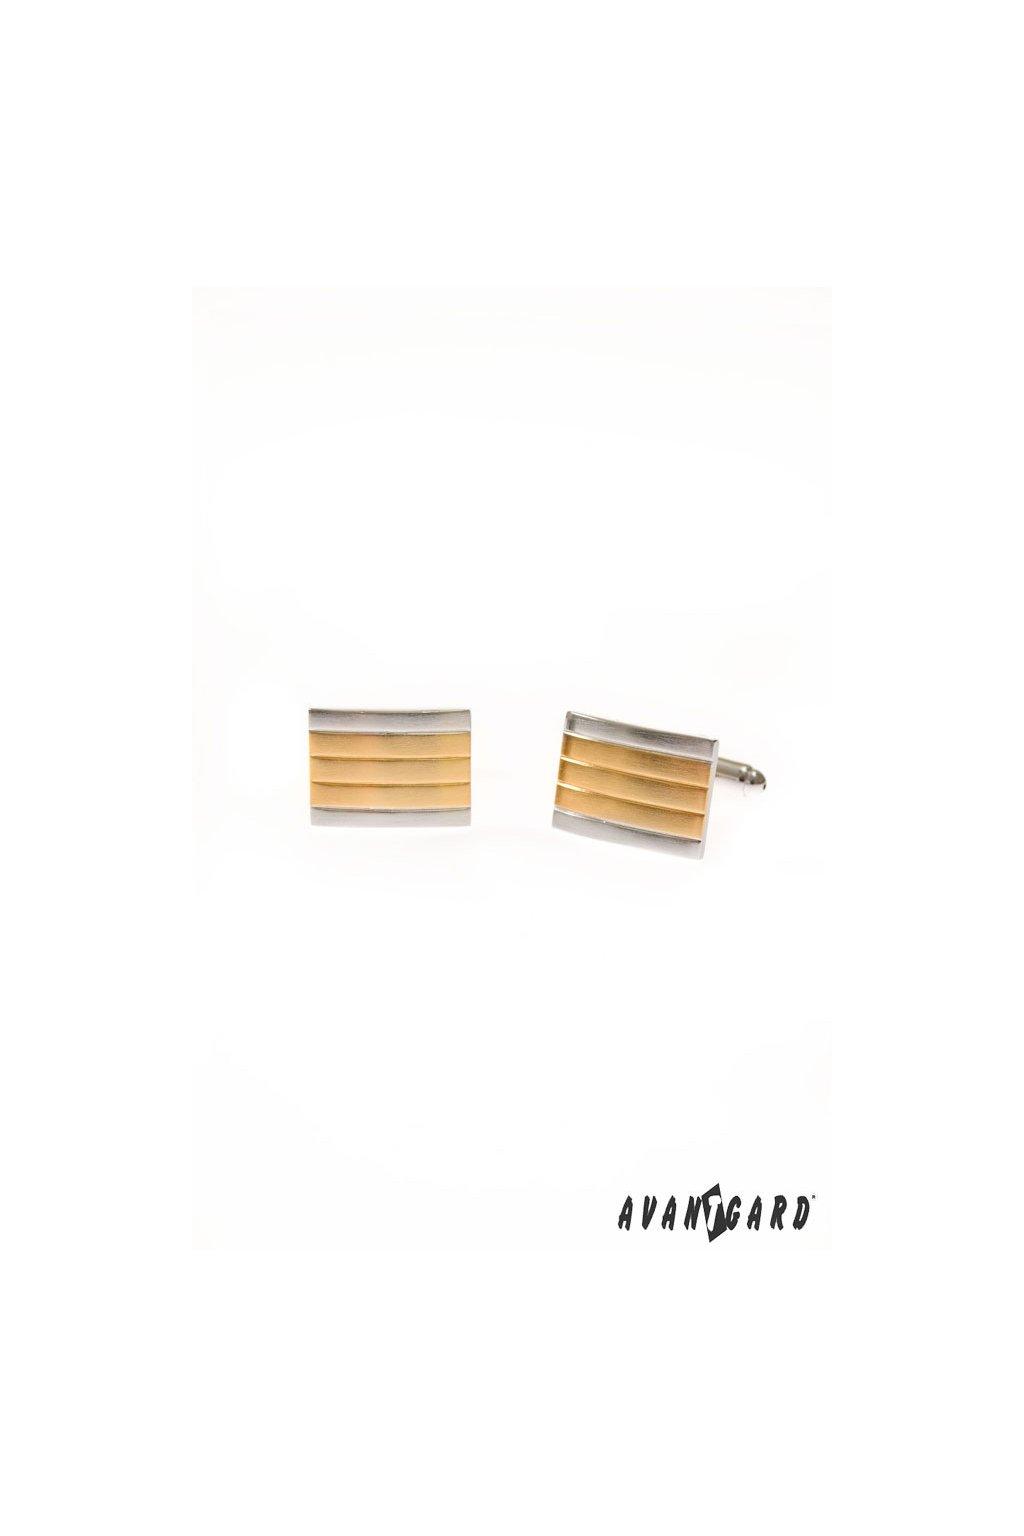 Manžetové knoflíčky PREMIUM, 573-30053, Stříbrná, zlatá